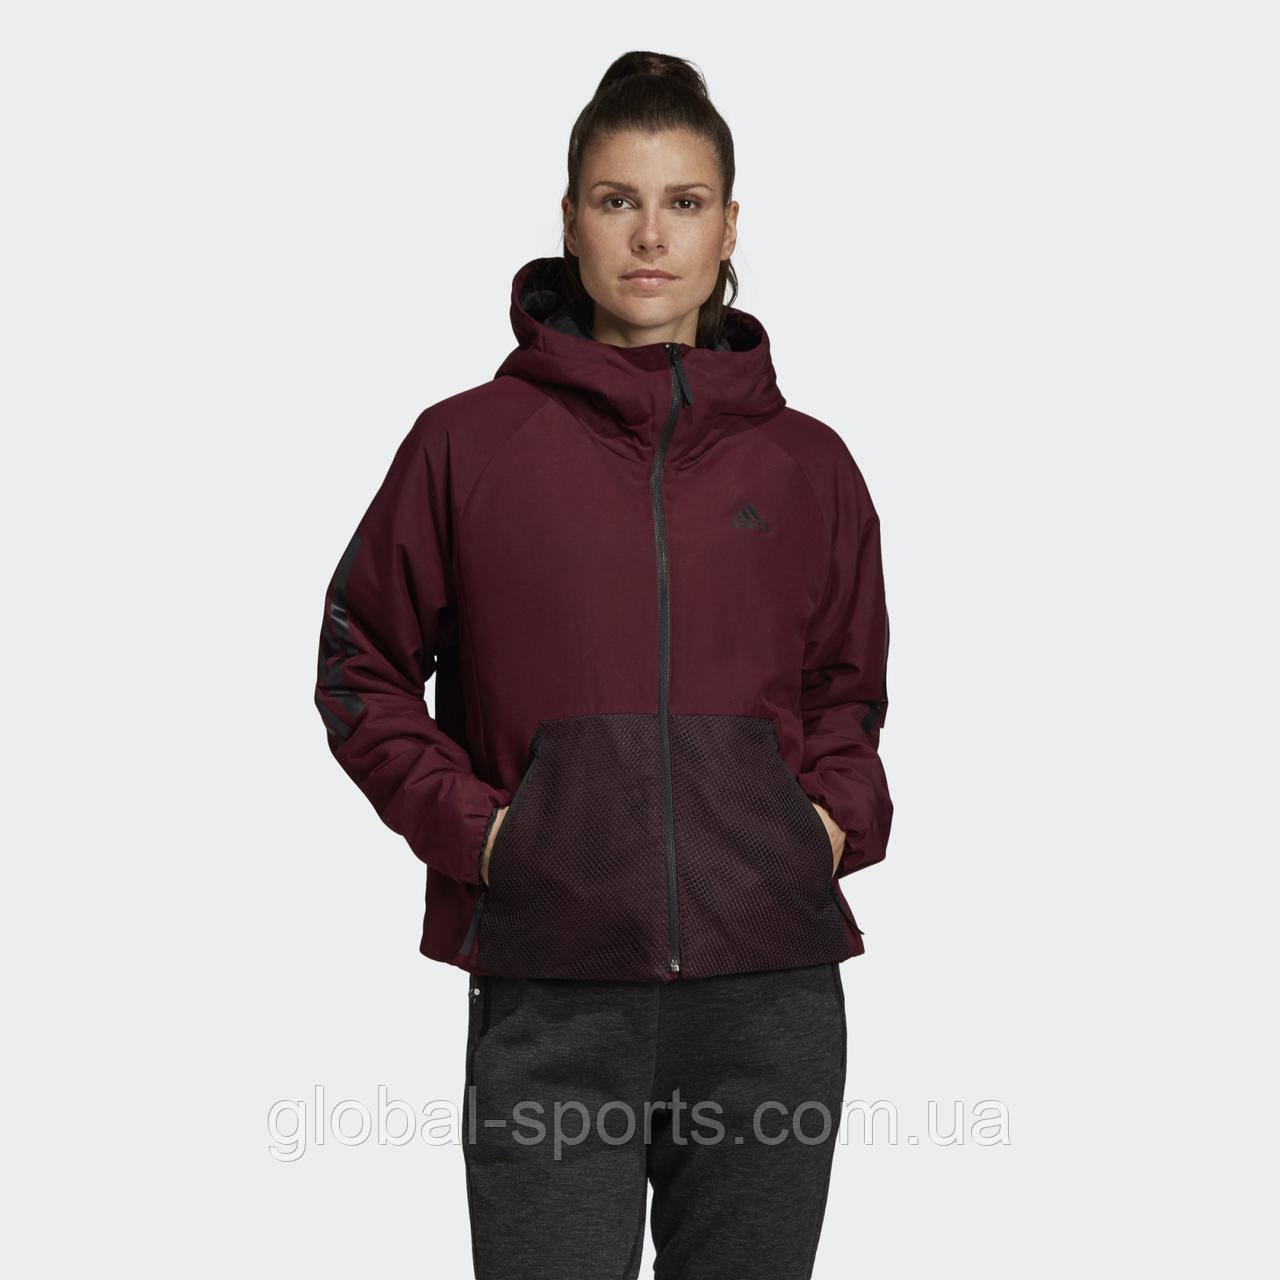 Жіноча куртка Adidas Back-to-Sports(Артикул:DZ1516)